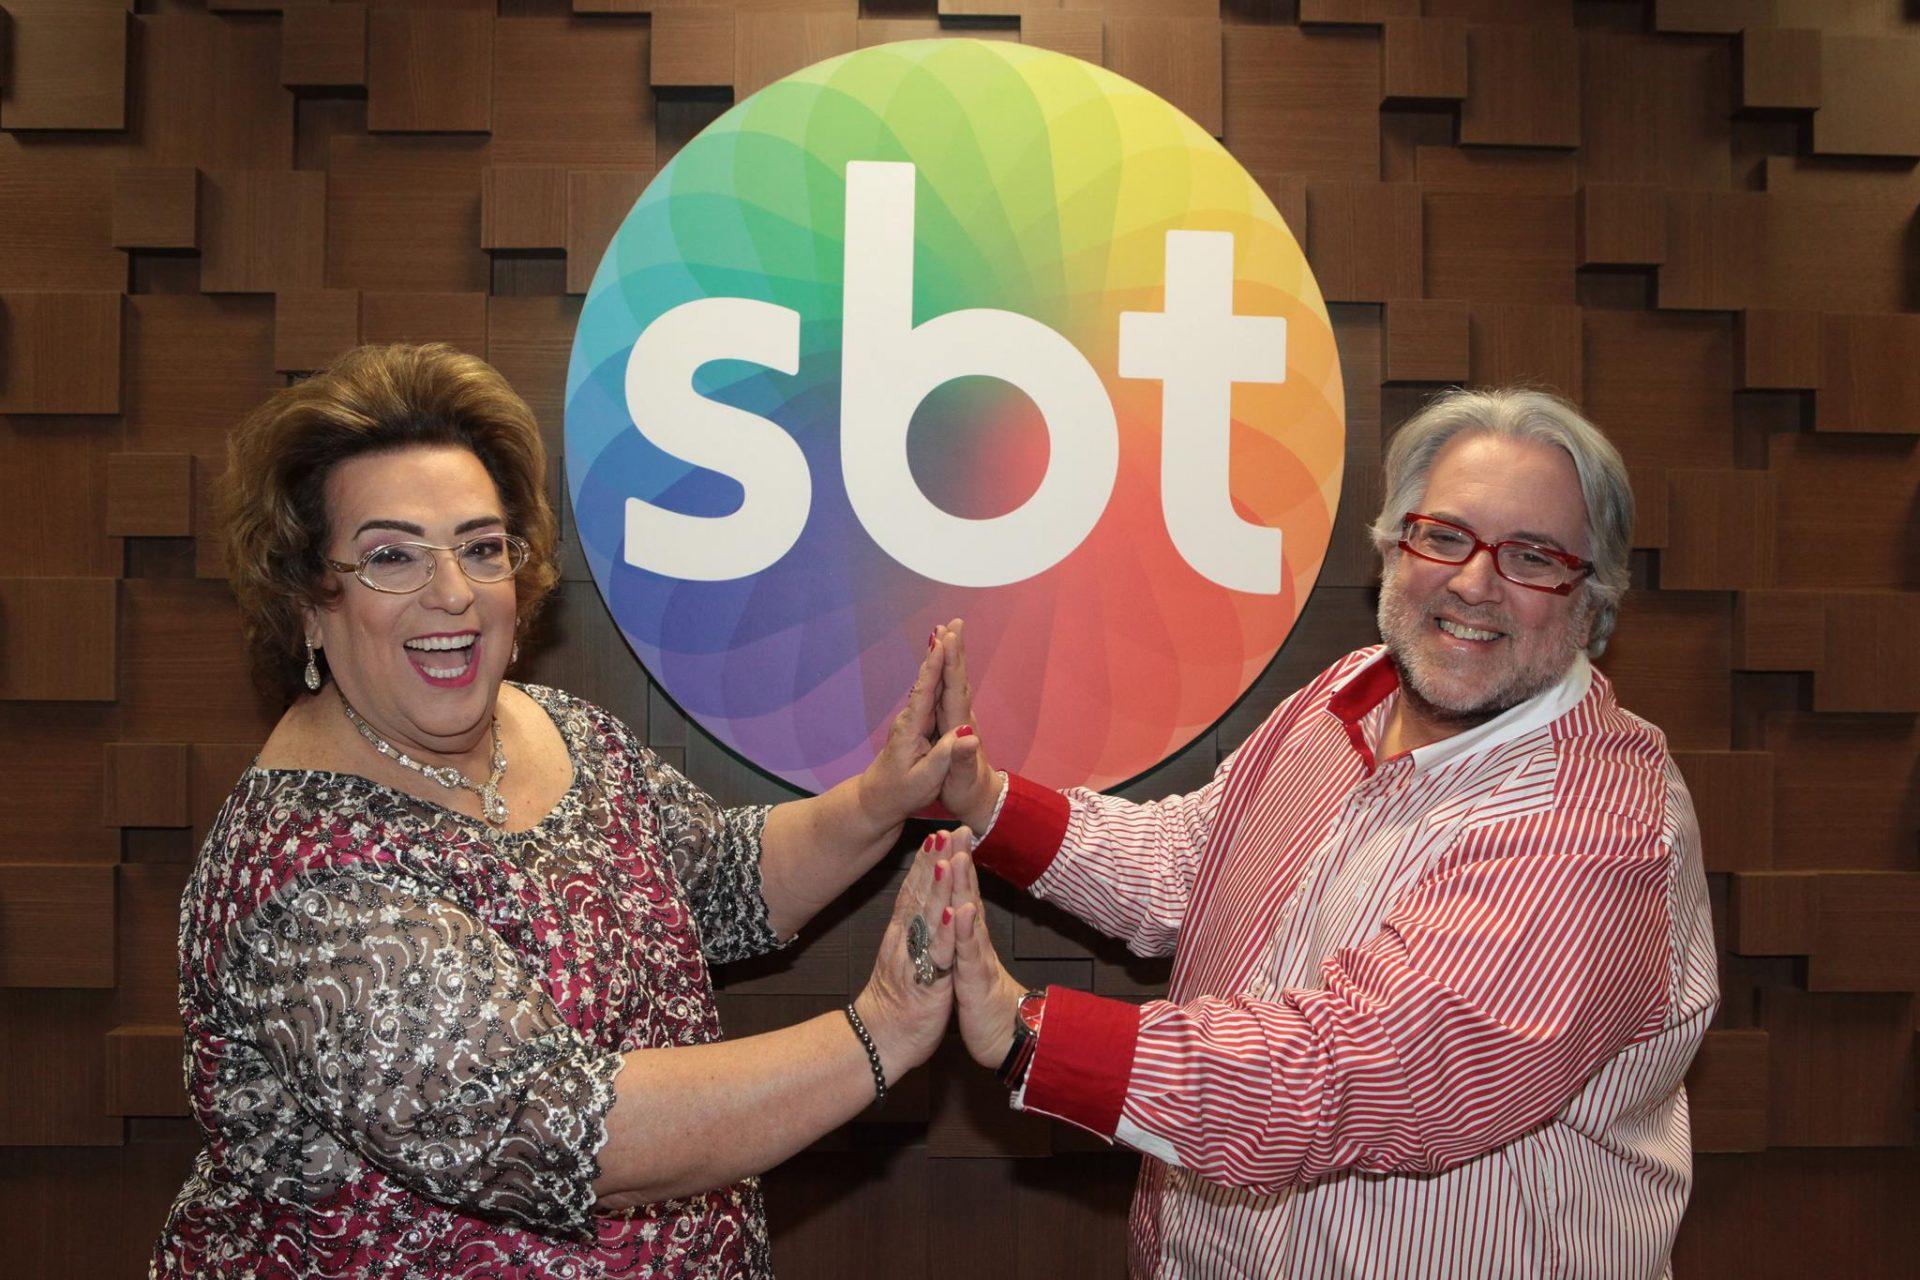 Foto: Leonardo Nones/SBT